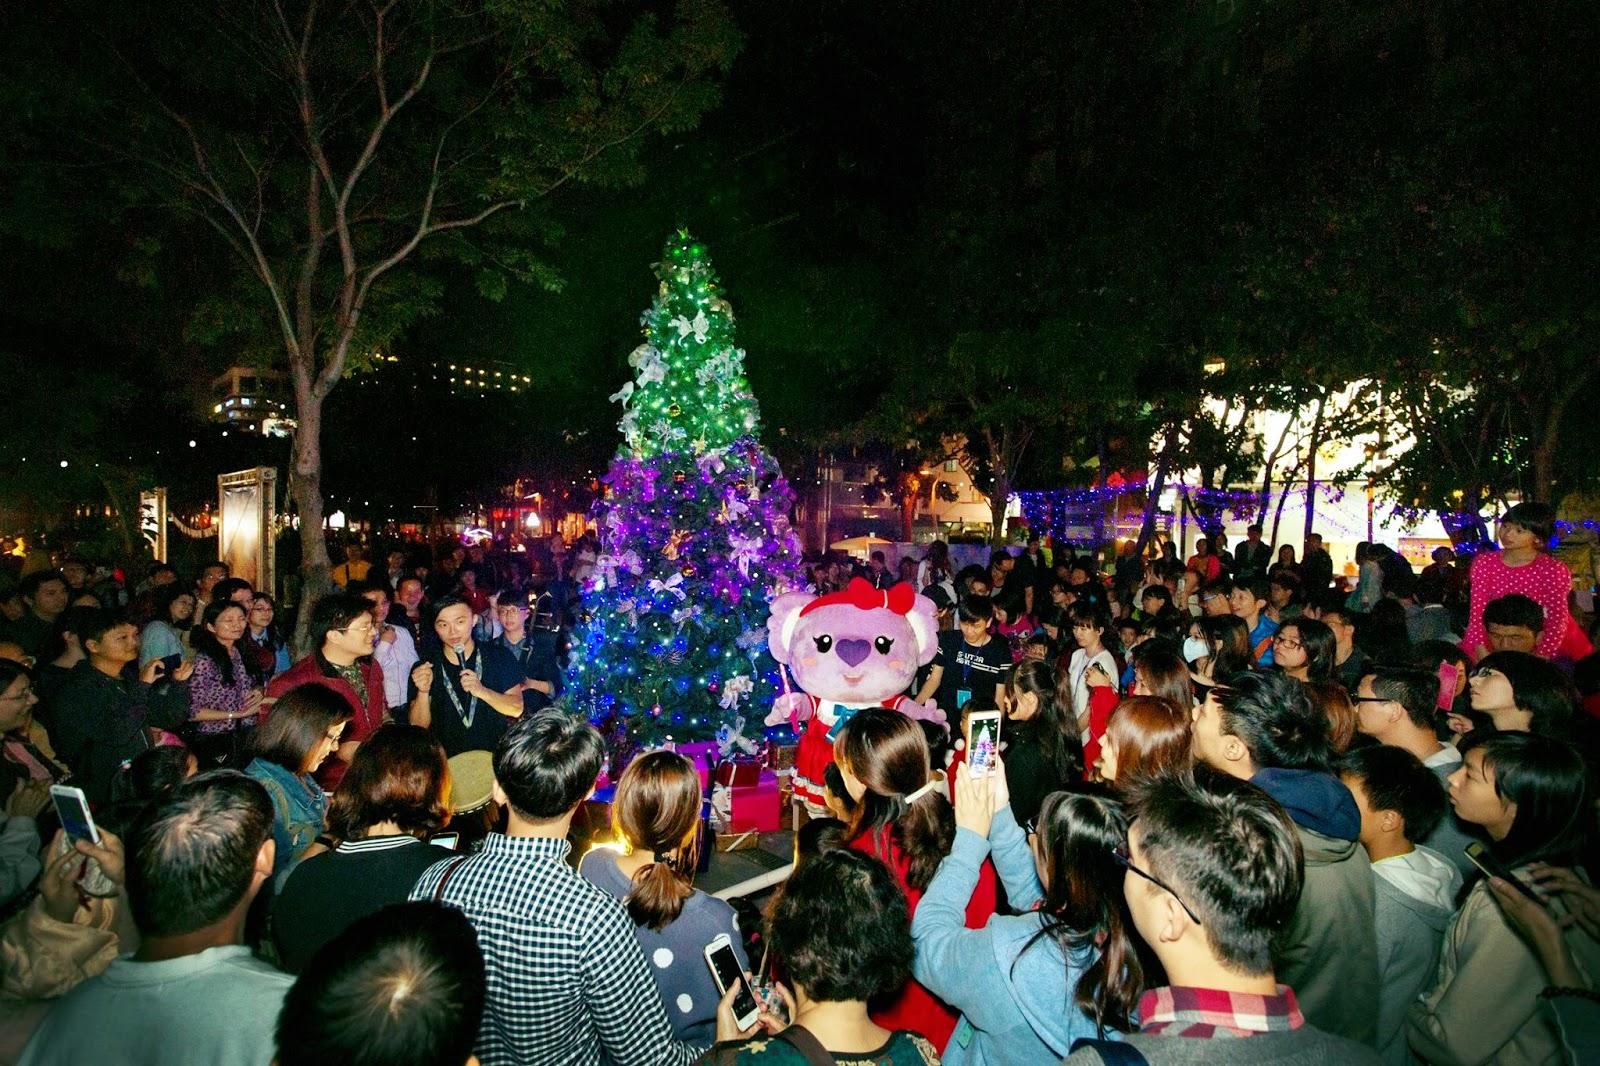 【2016年紫色夢幻耶誕嘉年華-圓滿落幕💯】/ Mia特別報導